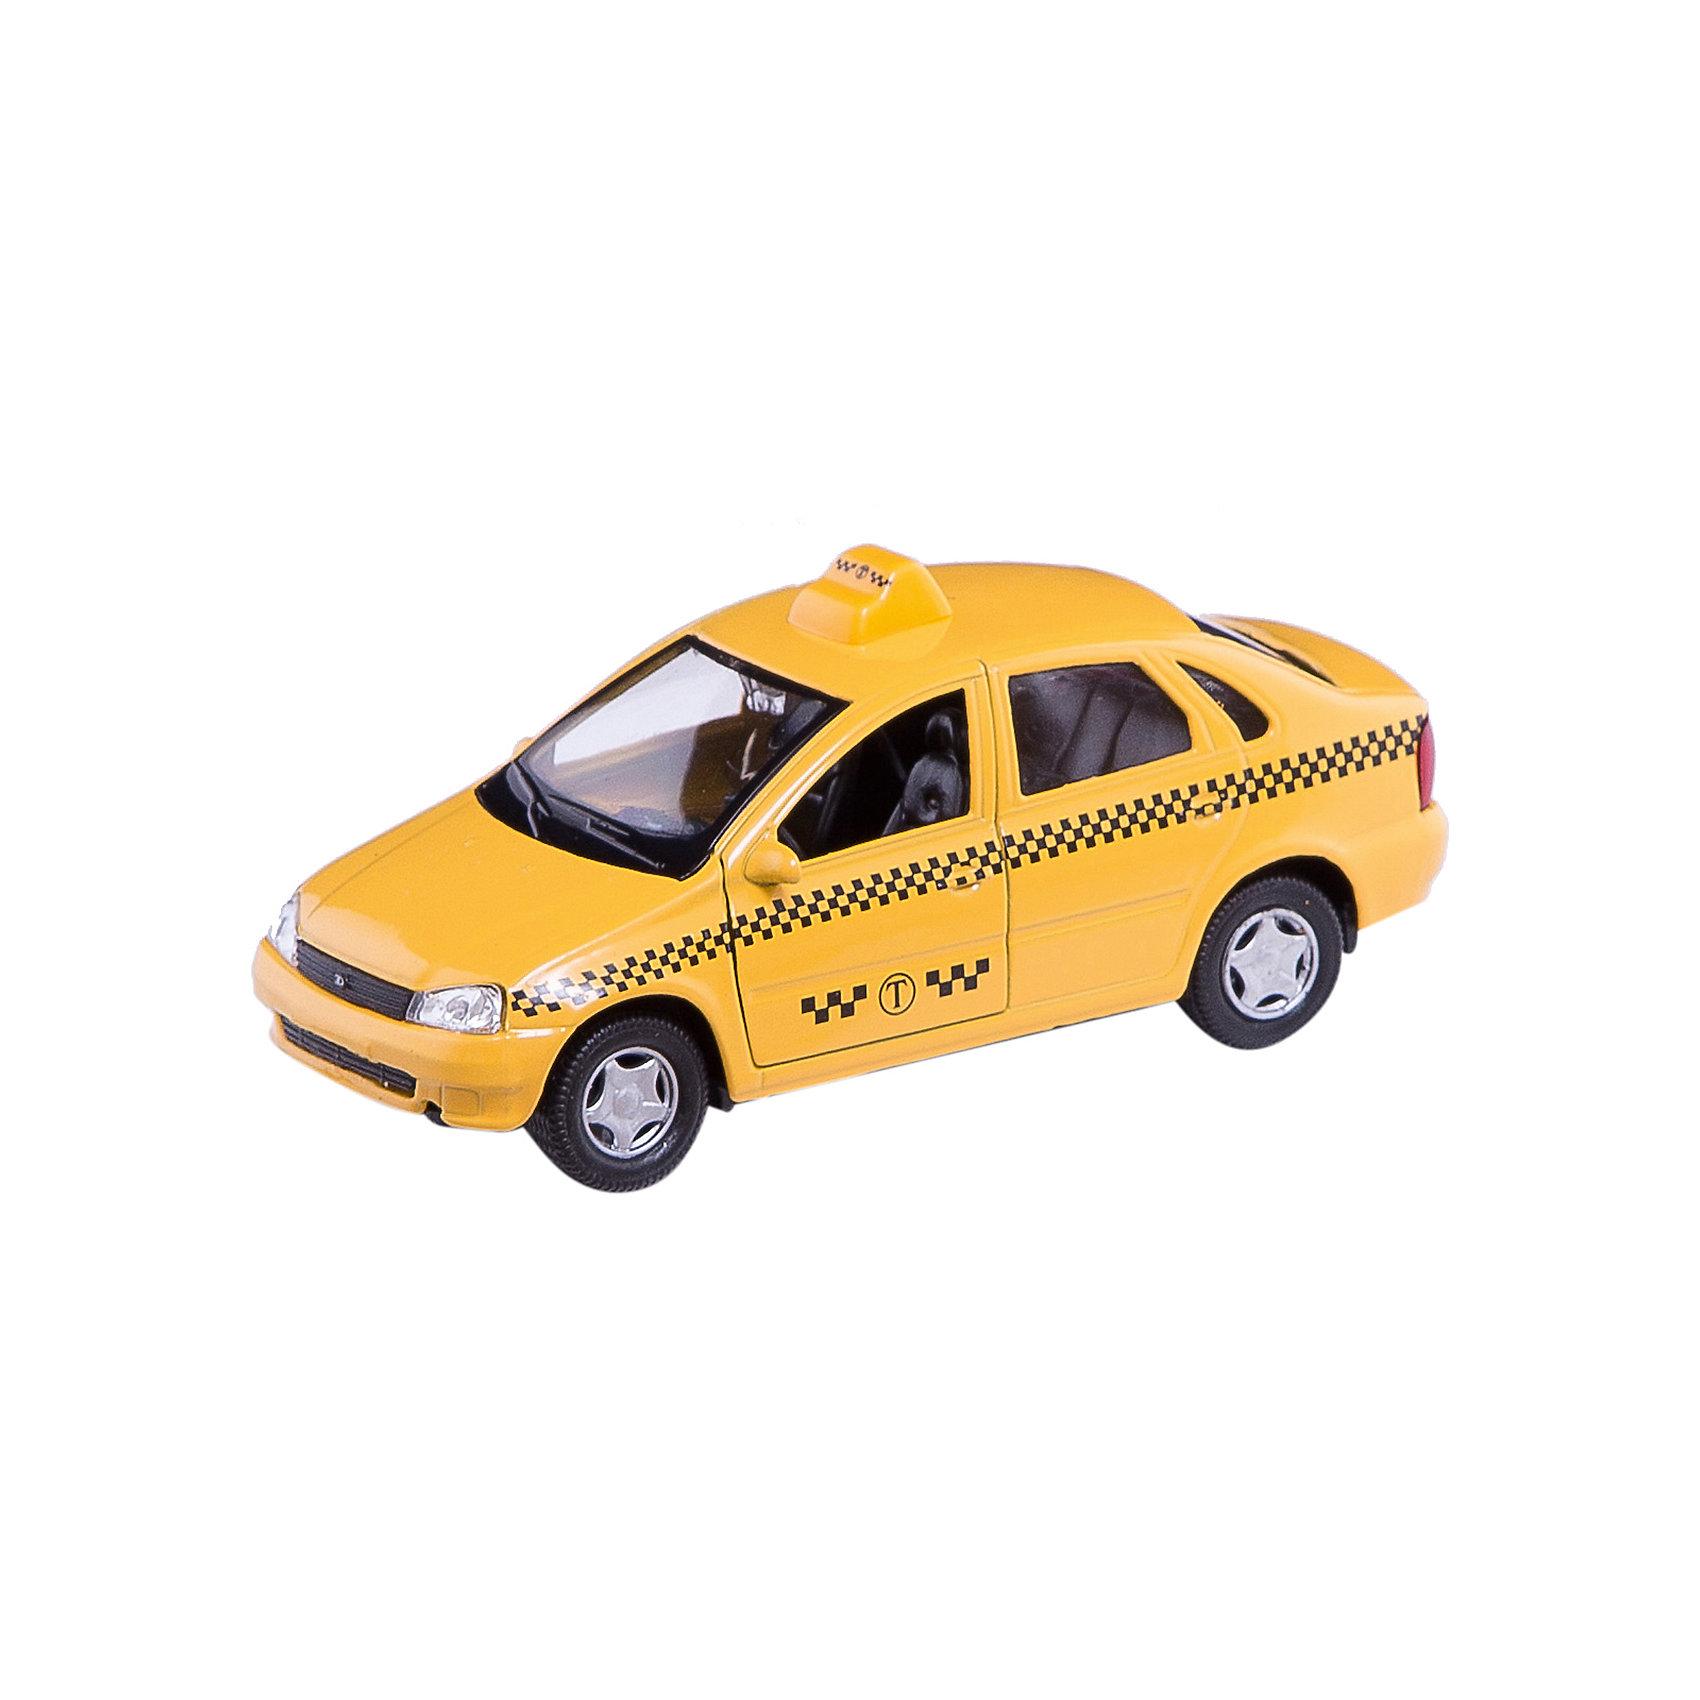 Машинка Lada Kalina такси 1:34, AutotimeМашинки<br>Характеристики товара:<br><br>• цвет: желтый<br>• материал: металл, пластик<br>• размер: 16,5х7,х5,7 см<br>• вес: 100 г<br>• масштаб: 1:34<br>• прочный материал<br>• хорошая детализация<br>• открываются двери<br>• страна бренда: Россия<br>• страна производства: Китай<br><br>Коллекционная машинка LADA Kalina такси от бренда AUTOTIME станет отличным подарком для мальчика. Подробная детализация машинки порадует увлеченного коллекционера, а открывающиеся двери и свободно вращающиеся колеса придутся по душе юному владельцу игрушечного гаража. Эта игрушка подарит восторг и радость вашему ребенку. <br><br>Игрушка также воздействует на наглядно-образное мышление, логическое мышление, развивает мелкую моторику. Изделие выполнено из сертифицированных материалов, безопасных для детей.<br><br>Машинку «Lada Kalina» такси от бренда AUTOTIME можно купить в нашем интернет-магазине.<br><br>Ширина мм: 165<br>Глубина мм: 57<br>Высота мм: 75<br>Вес г: 13<br>Возраст от месяцев: 36<br>Возраст до месяцев: 2147483647<br>Пол: Мужской<br>Возраст: Детский<br>SKU: 5583912